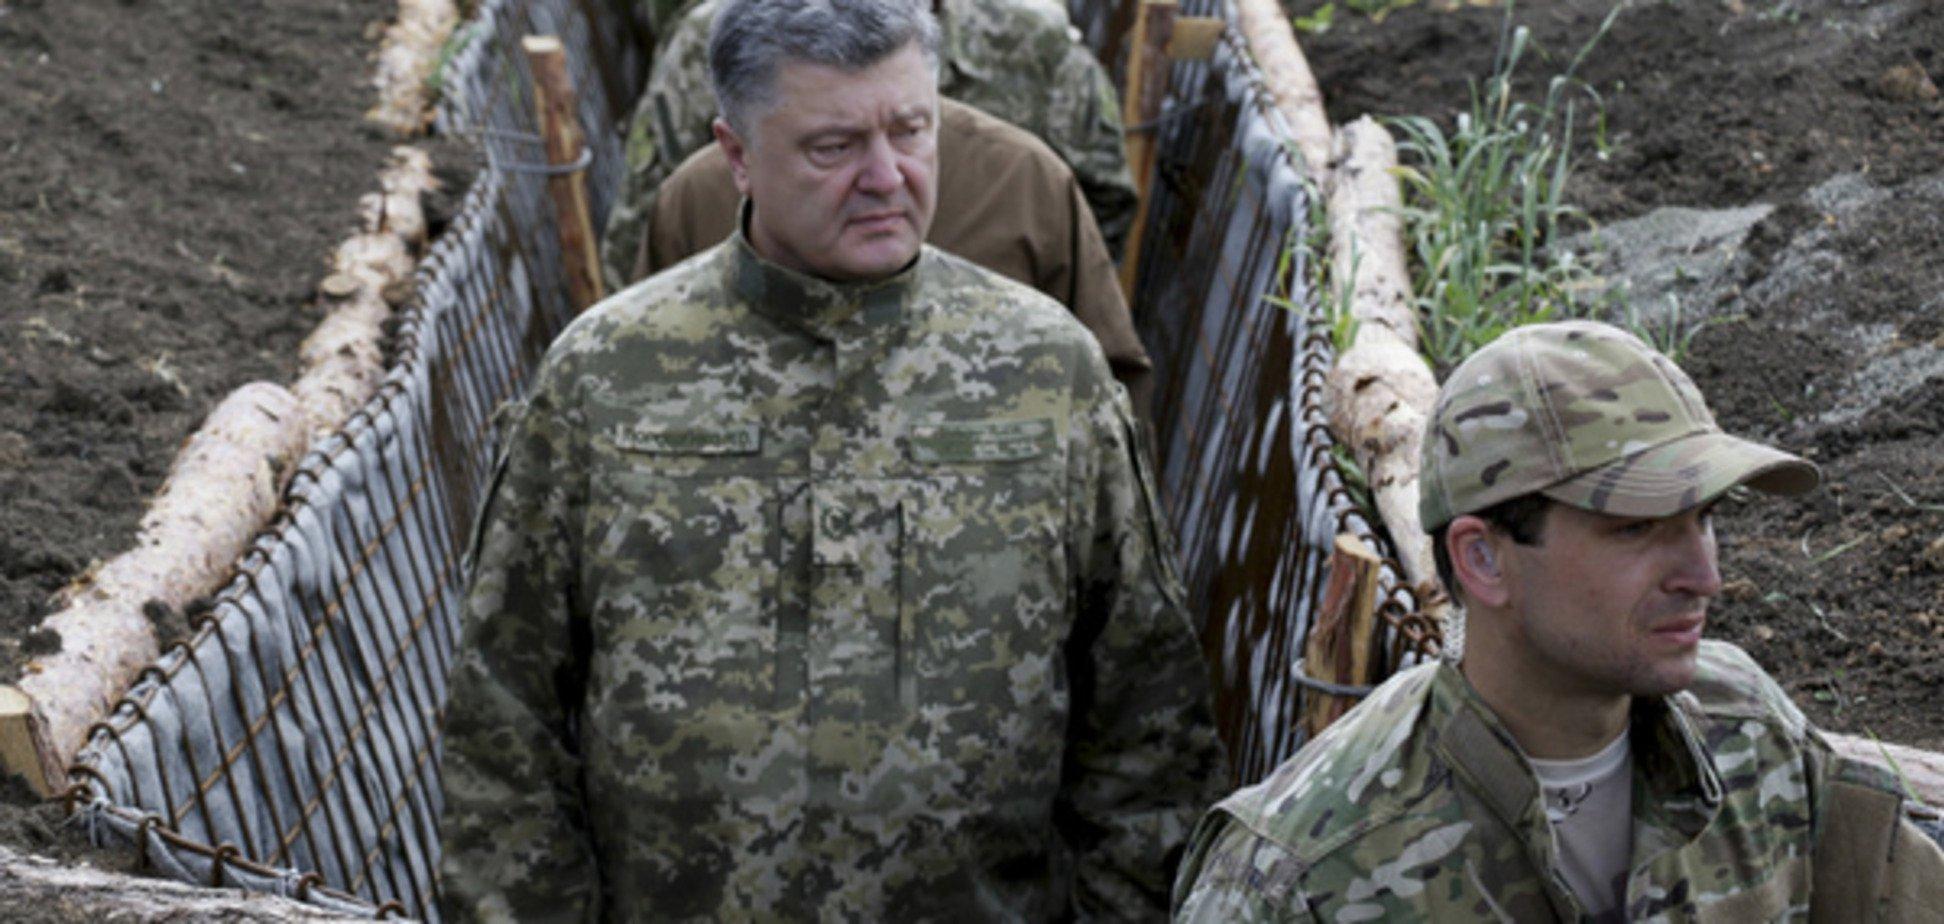 Порошенко пояснив, чому терористи на Донбасі програють